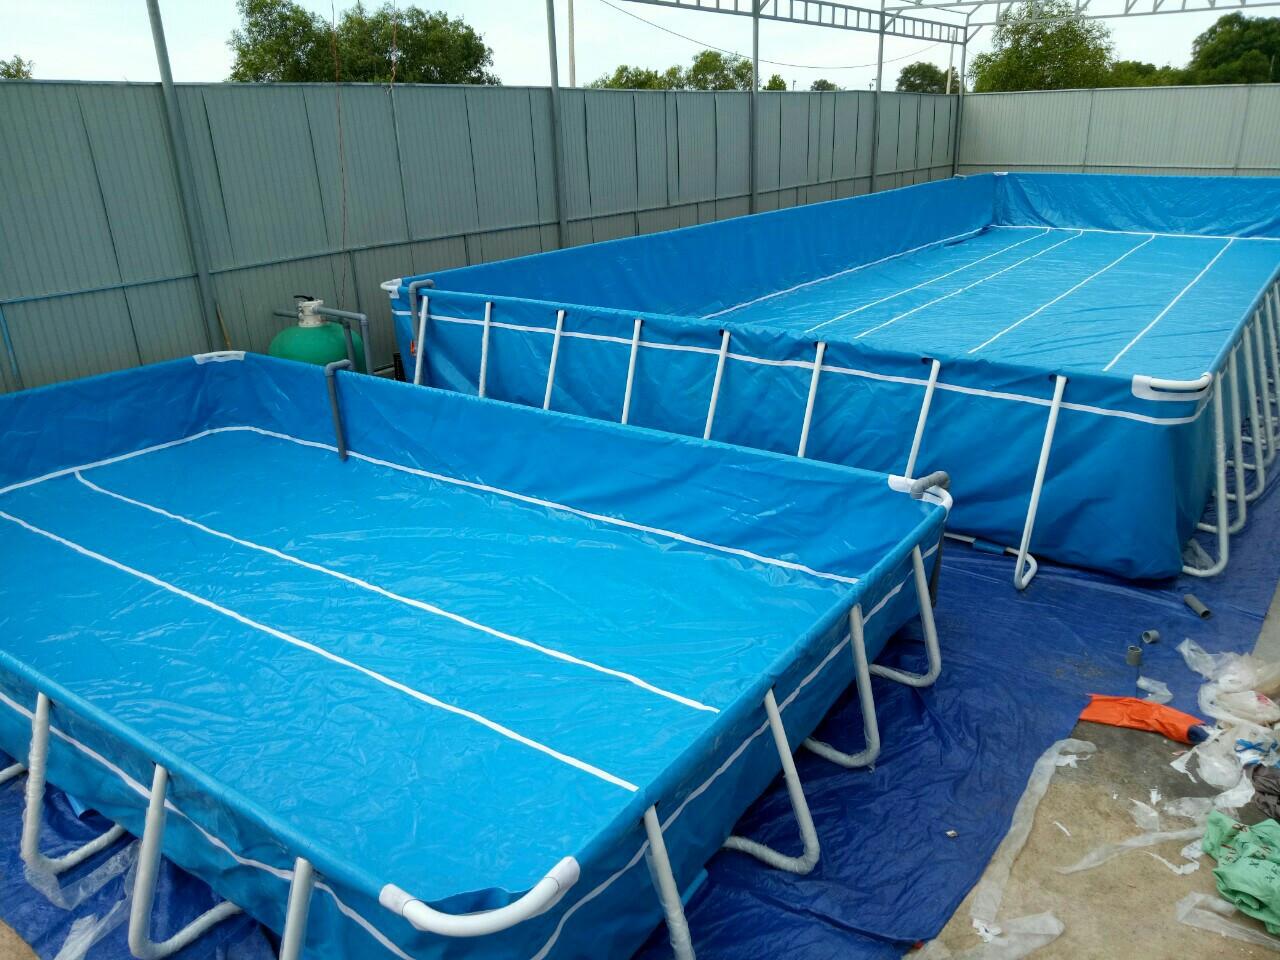 Bể Bơi Khung Kim Loại Vietpools Tại Quảng Trị KT 6.6mx12.6m - 2020 8